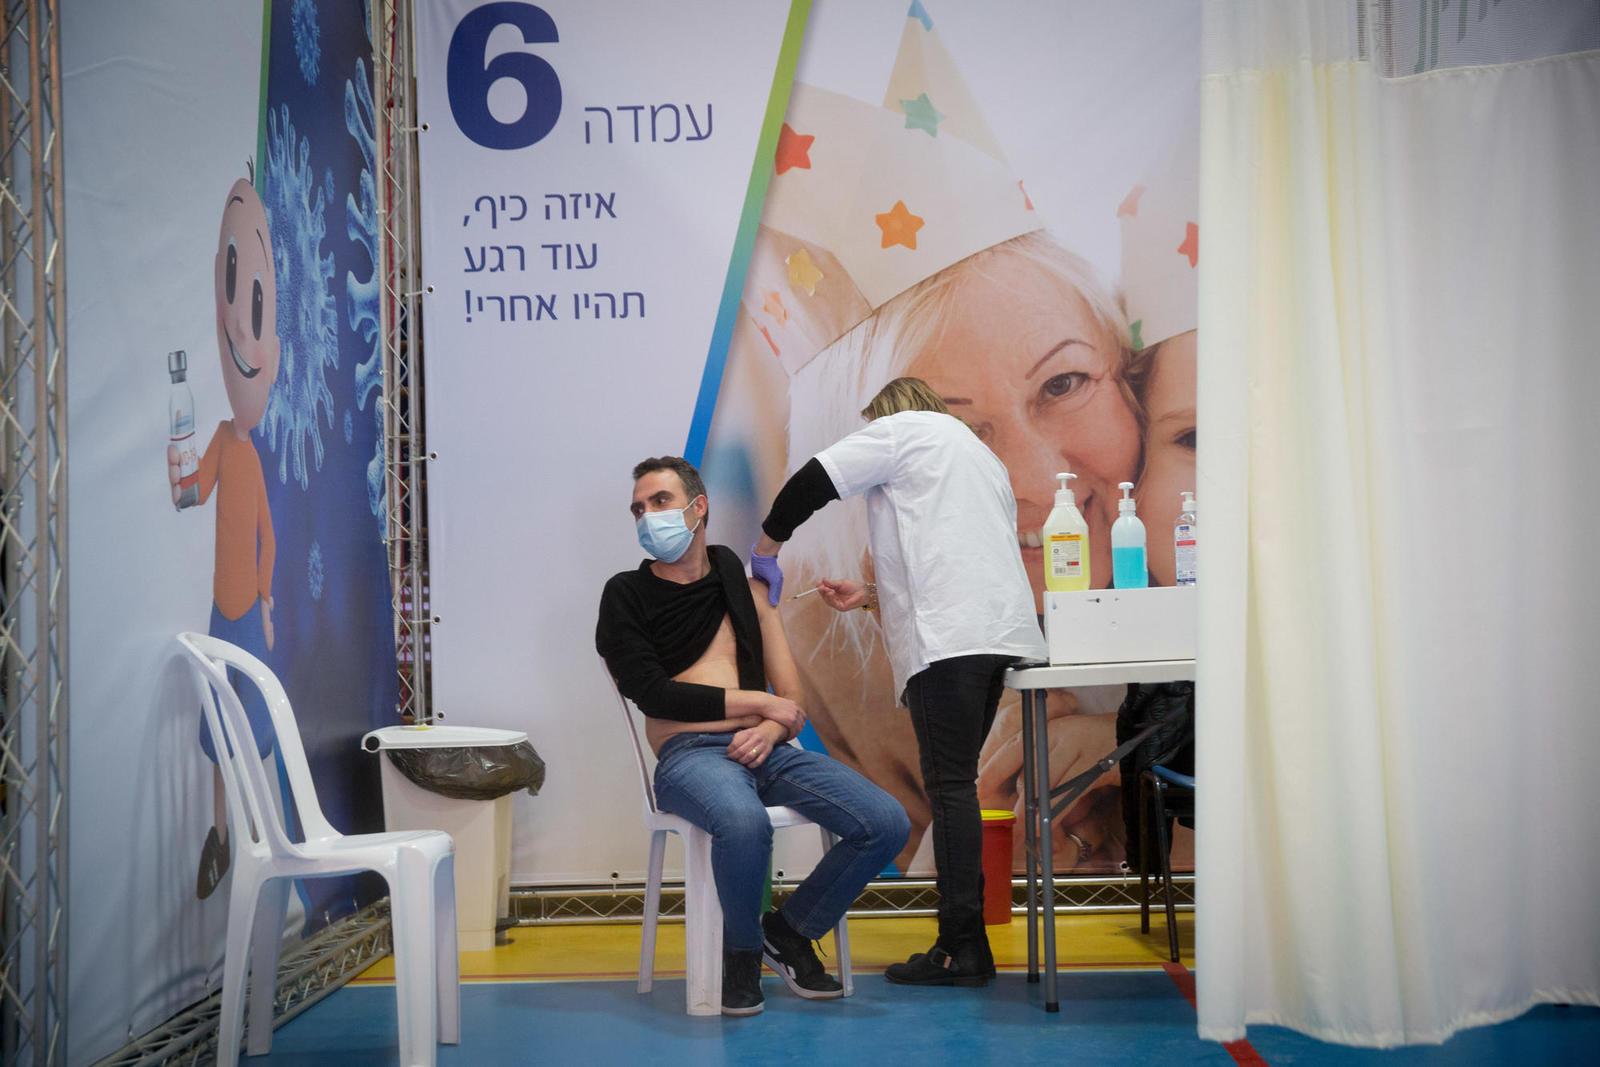 Арабы, женщины и молодежь меньше других хотят вакцинироваться в Израиле